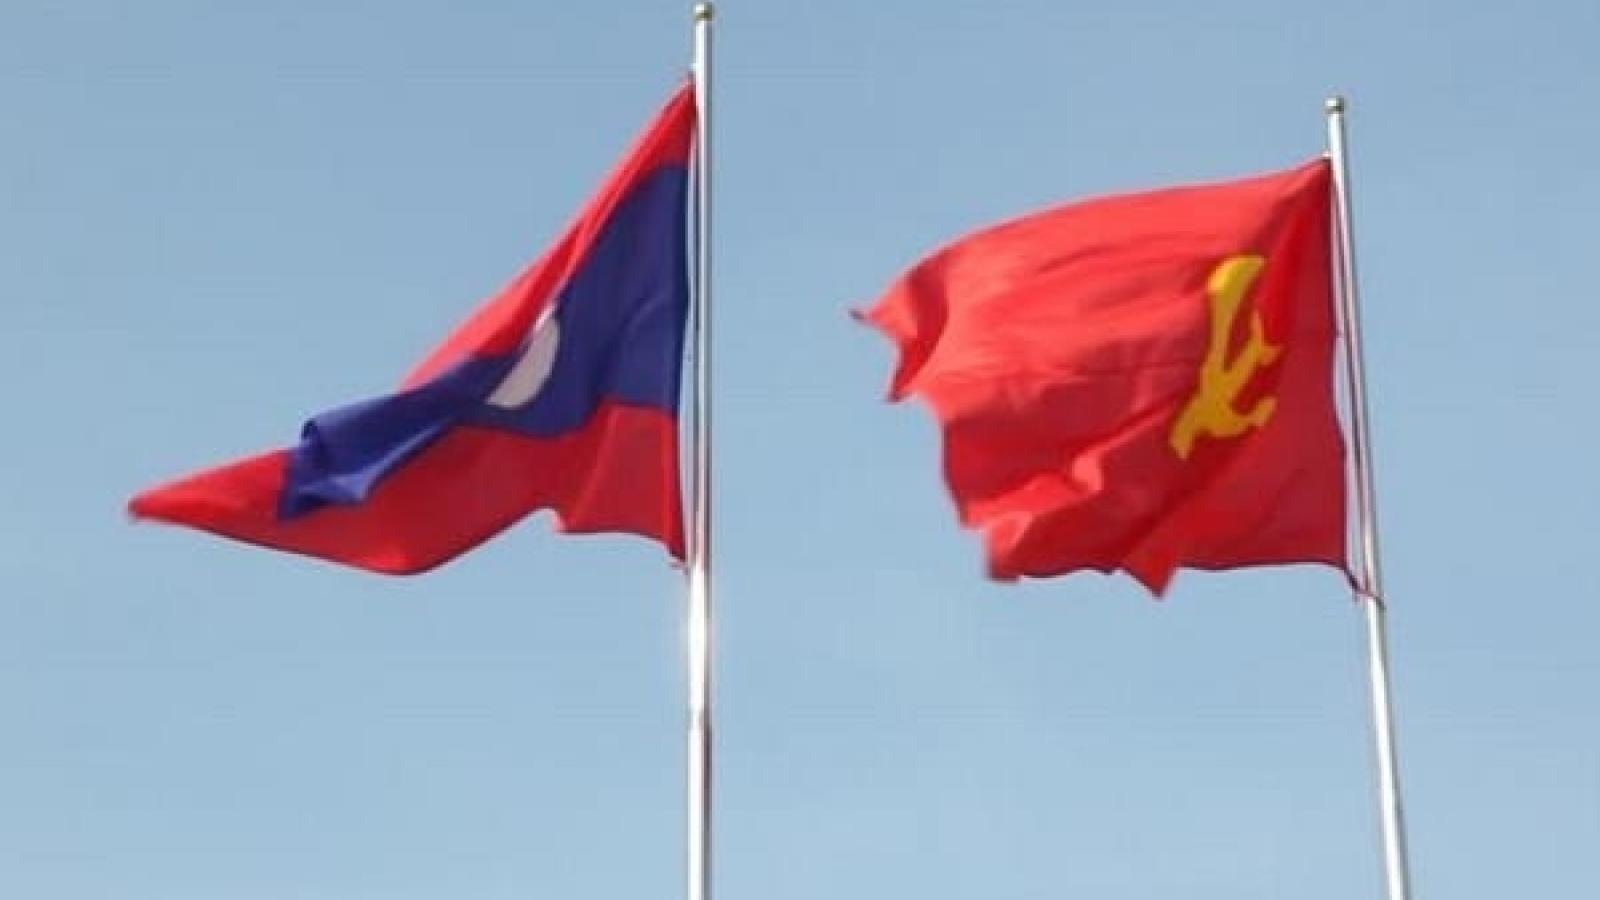 Điện mừng kỷ niệm 66 năm Ngày thành lập Đảng Nhân dân Cách mạng Lào